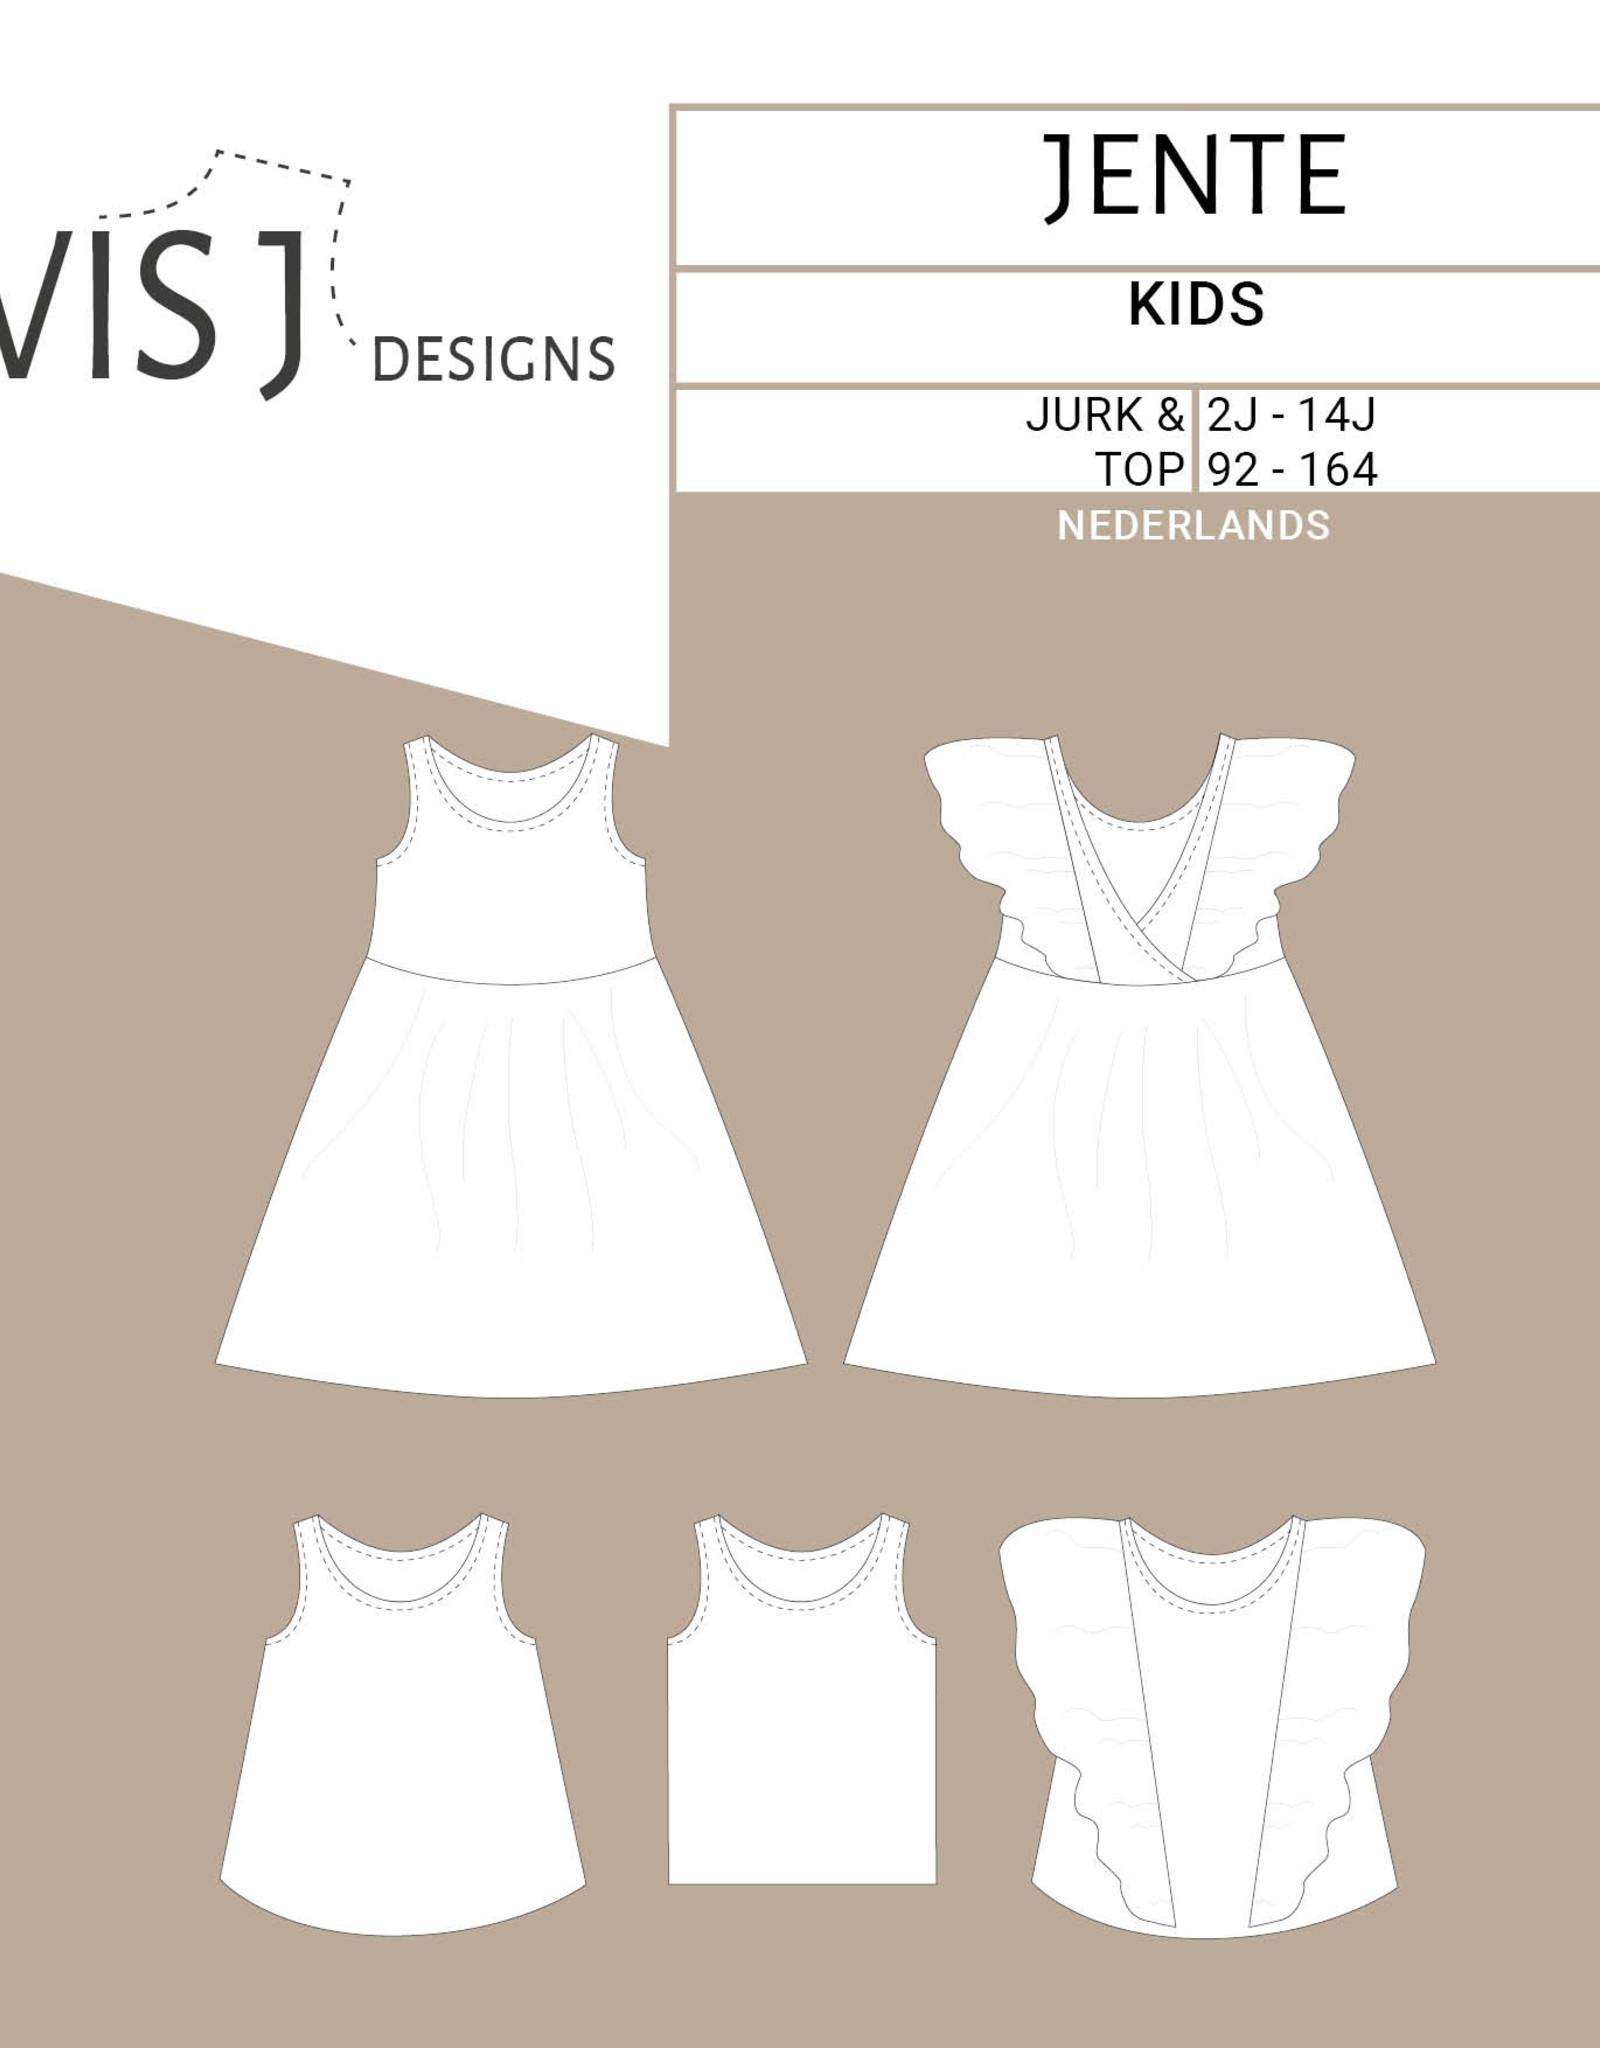 Wisj Jente jurk/top naaipatroon kids